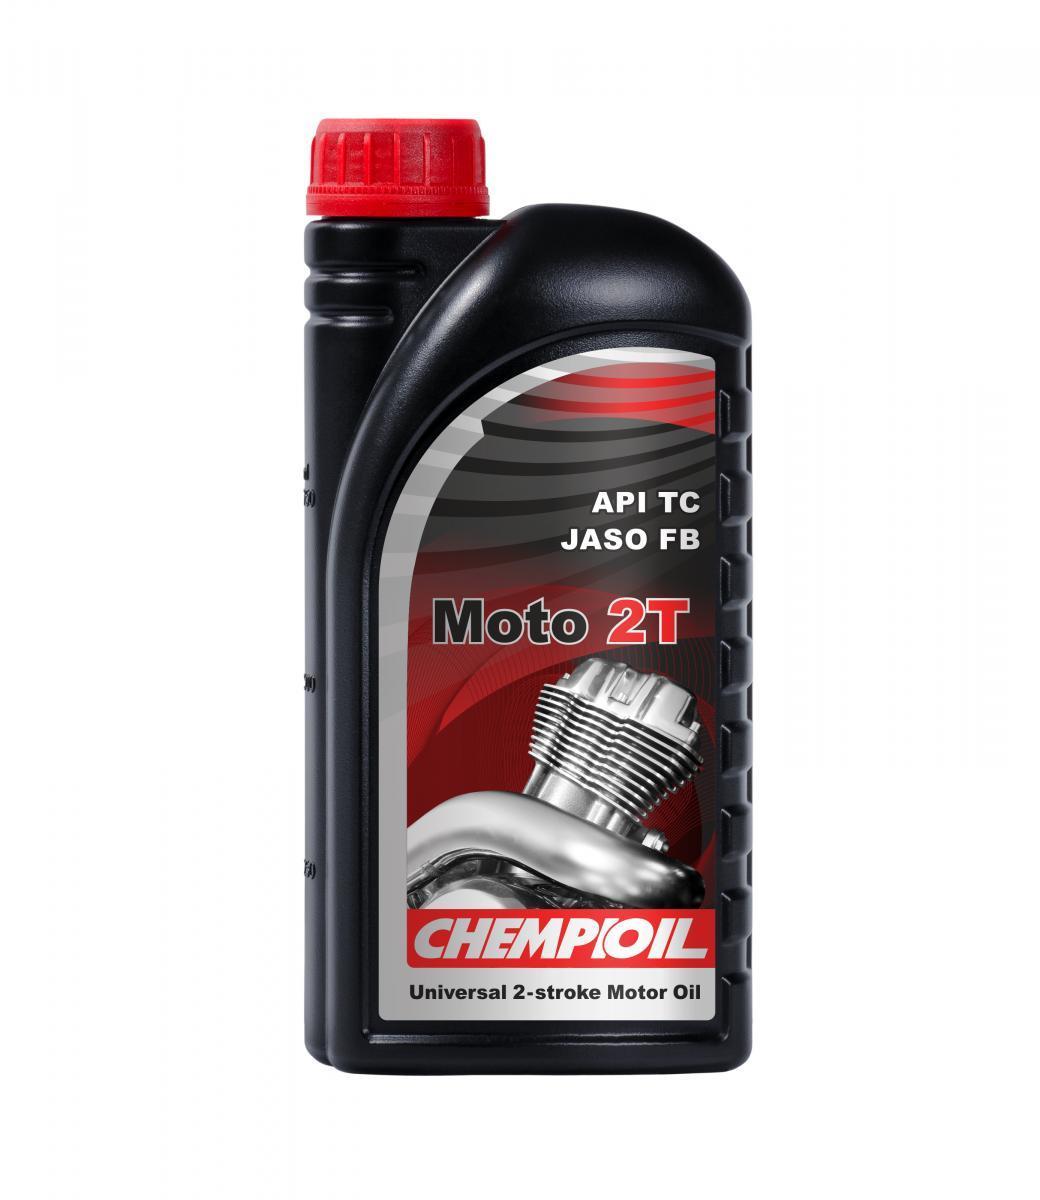 Motoröl CH9201-1 Niedrige Preise - Jetzt kaufen!